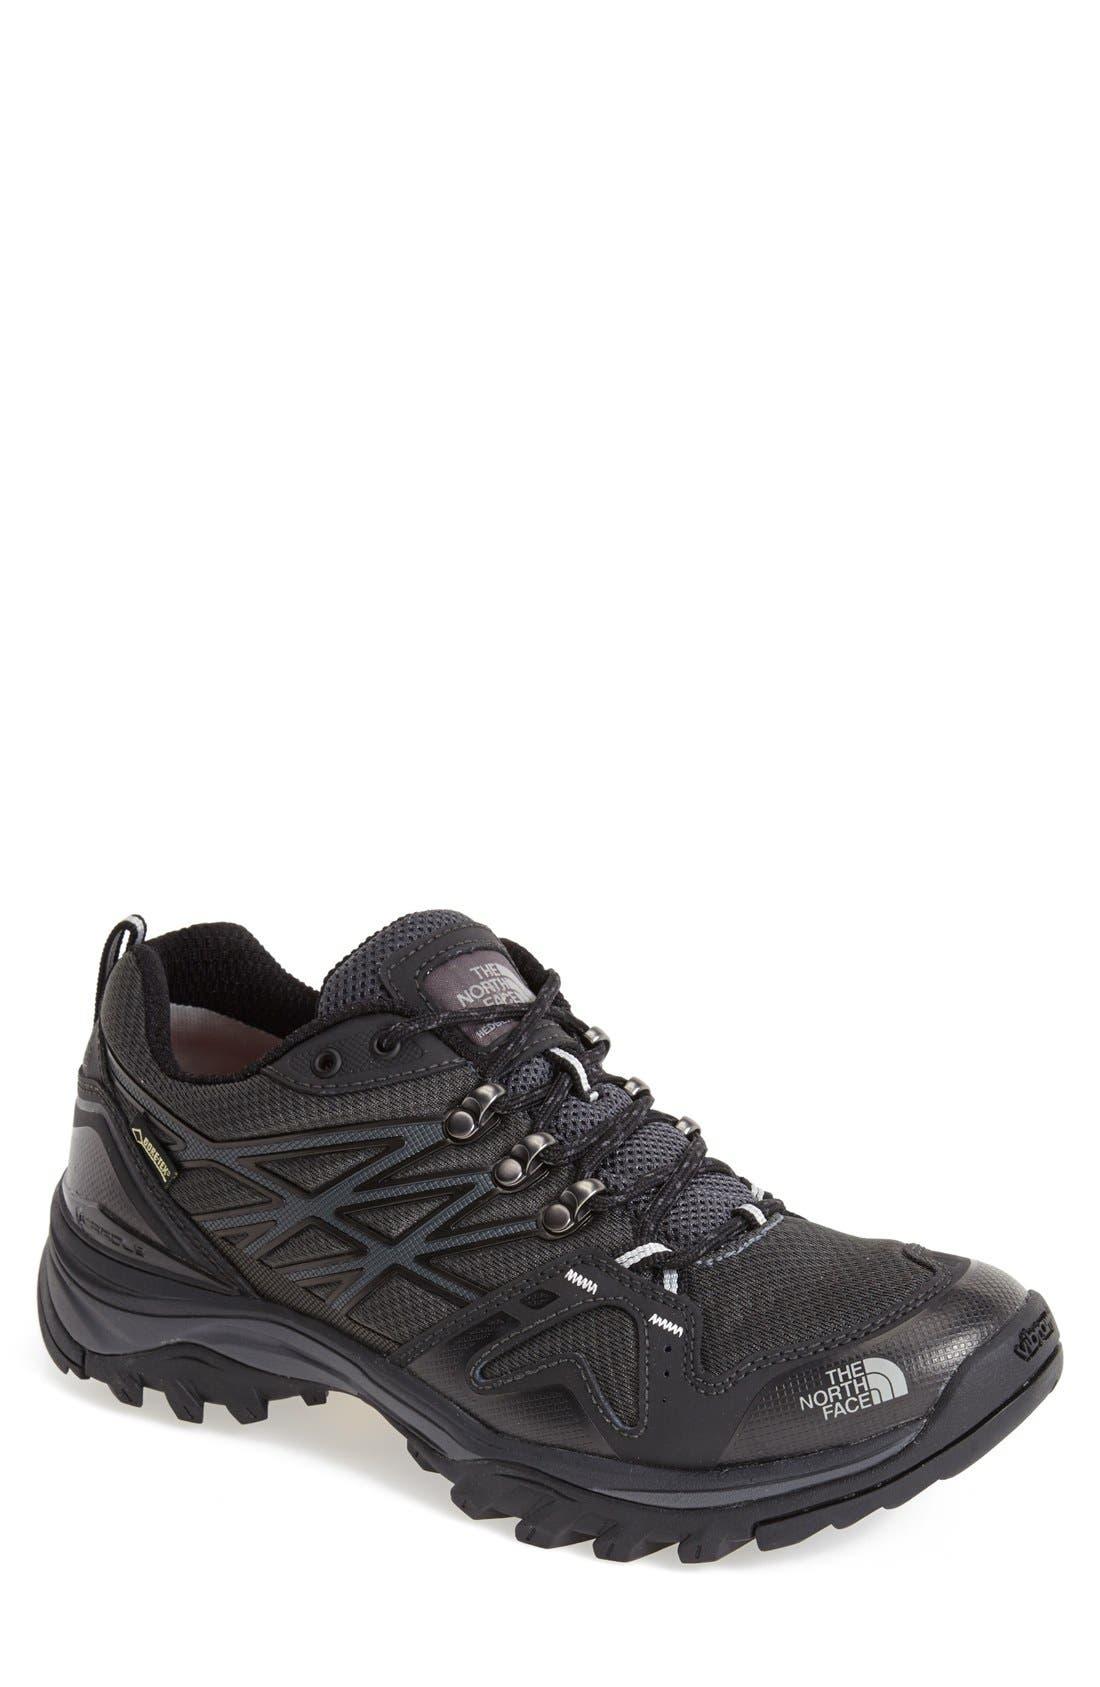 'Hedgehog Fastpack' Gore-Tex<sup>®</sup> Waterproof Hiking Shoe,                         Main,                         color, 001